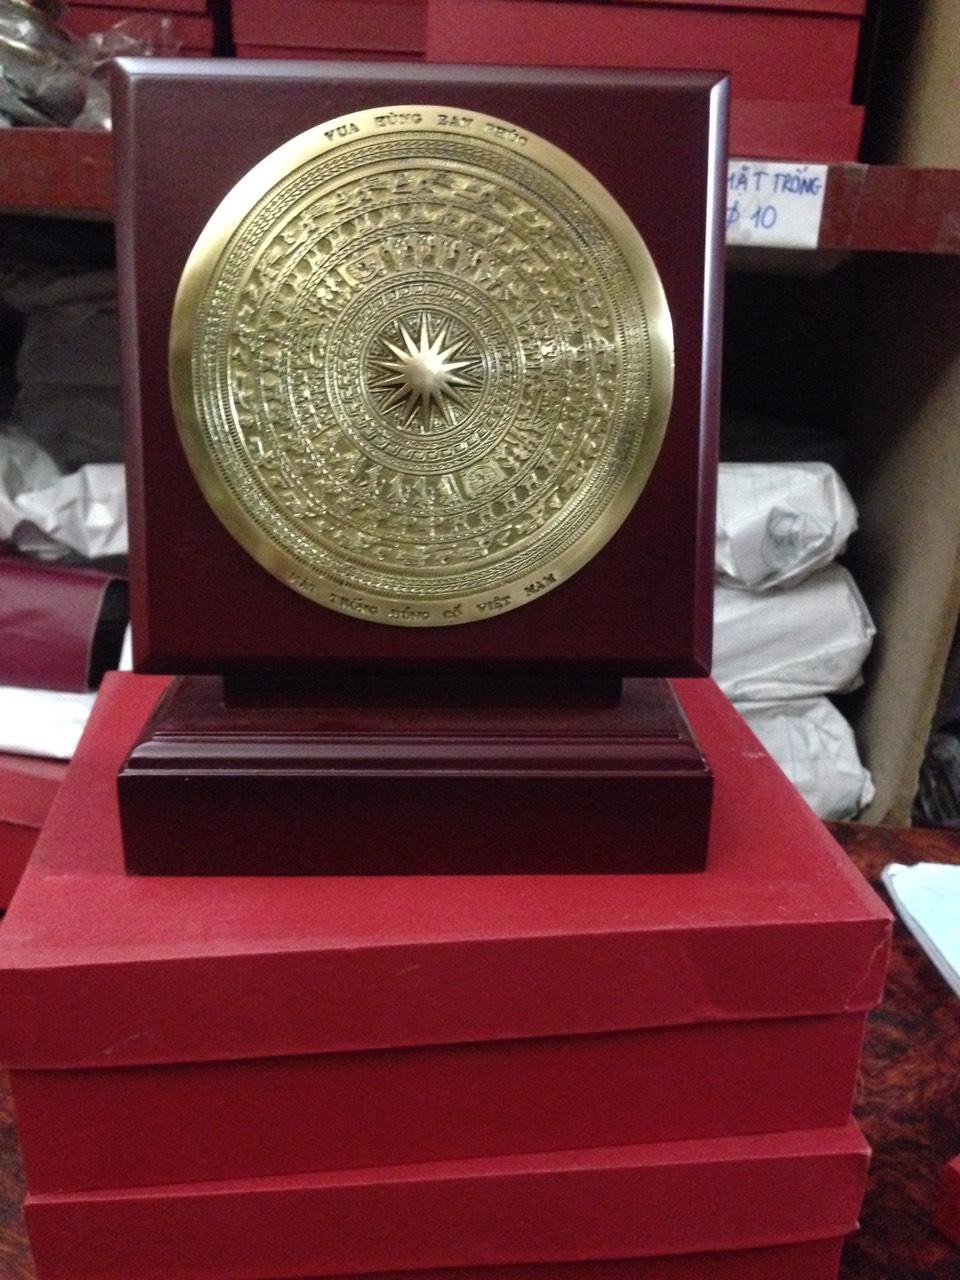 Biểu trưng mặt đĩa đồng đúc làm quà tặng, giá bán biểu trưng đĩa đồng